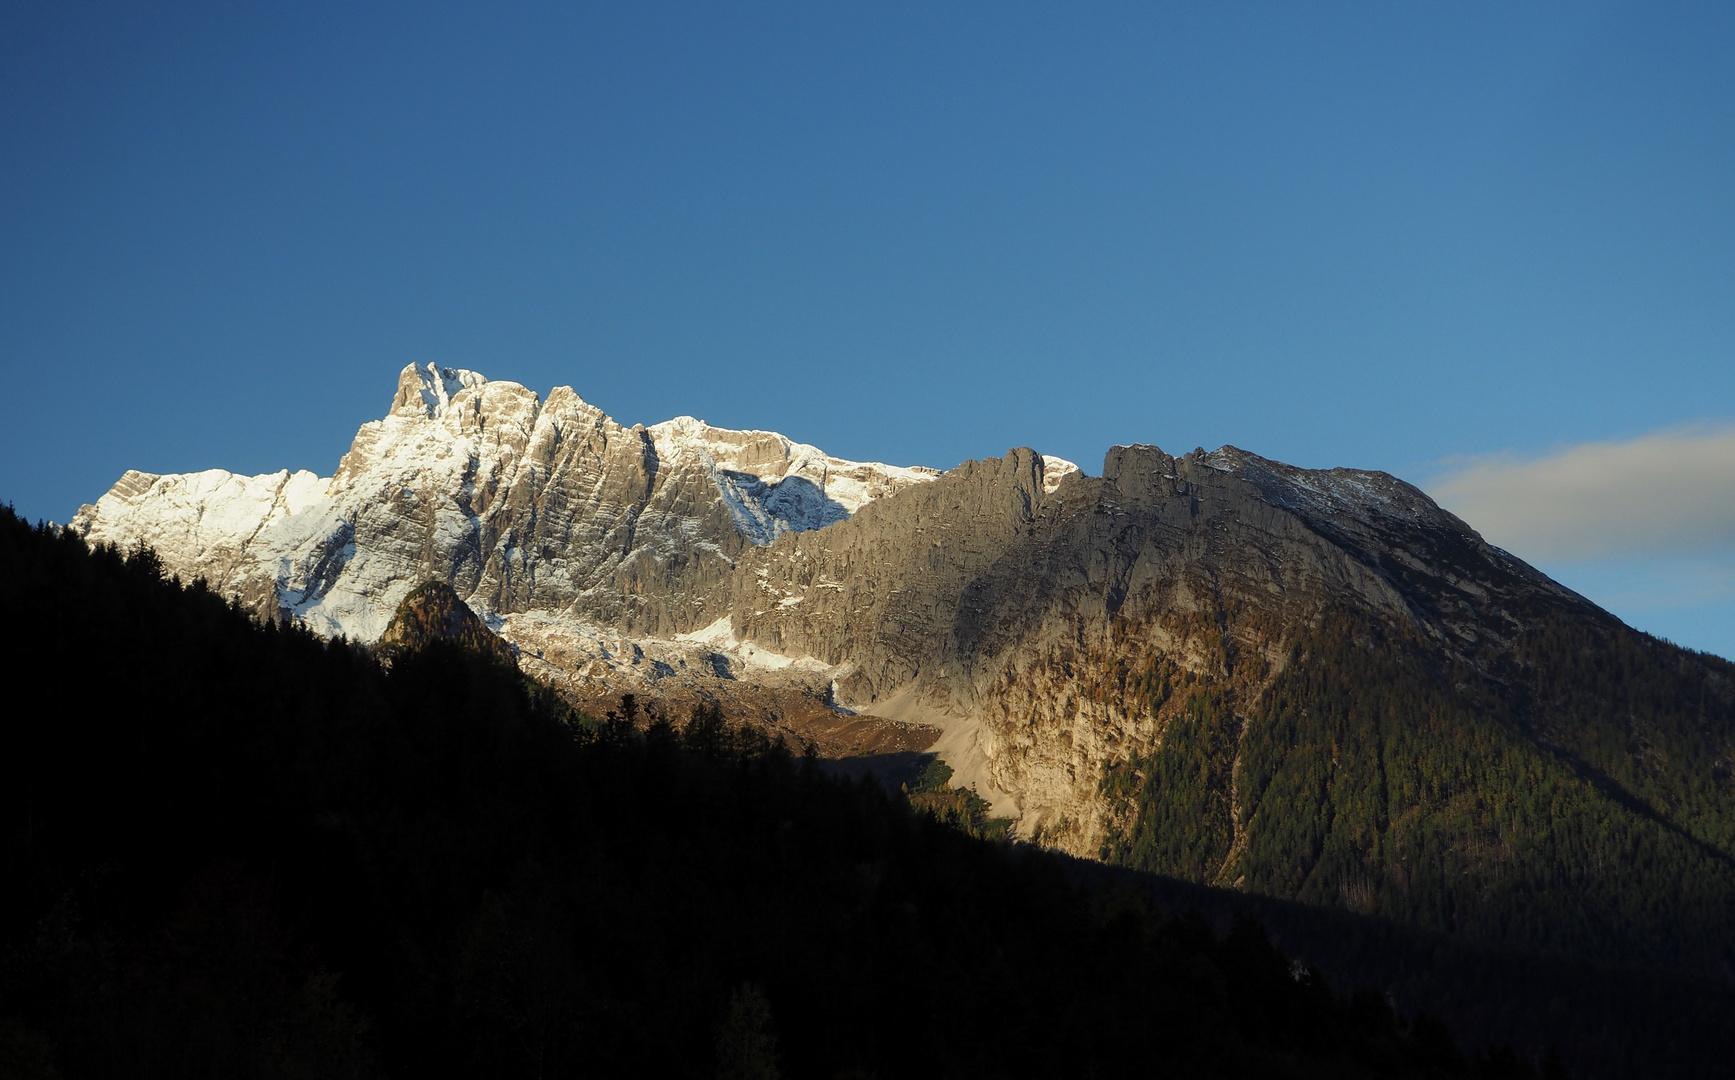 Berg im Morgengrauen